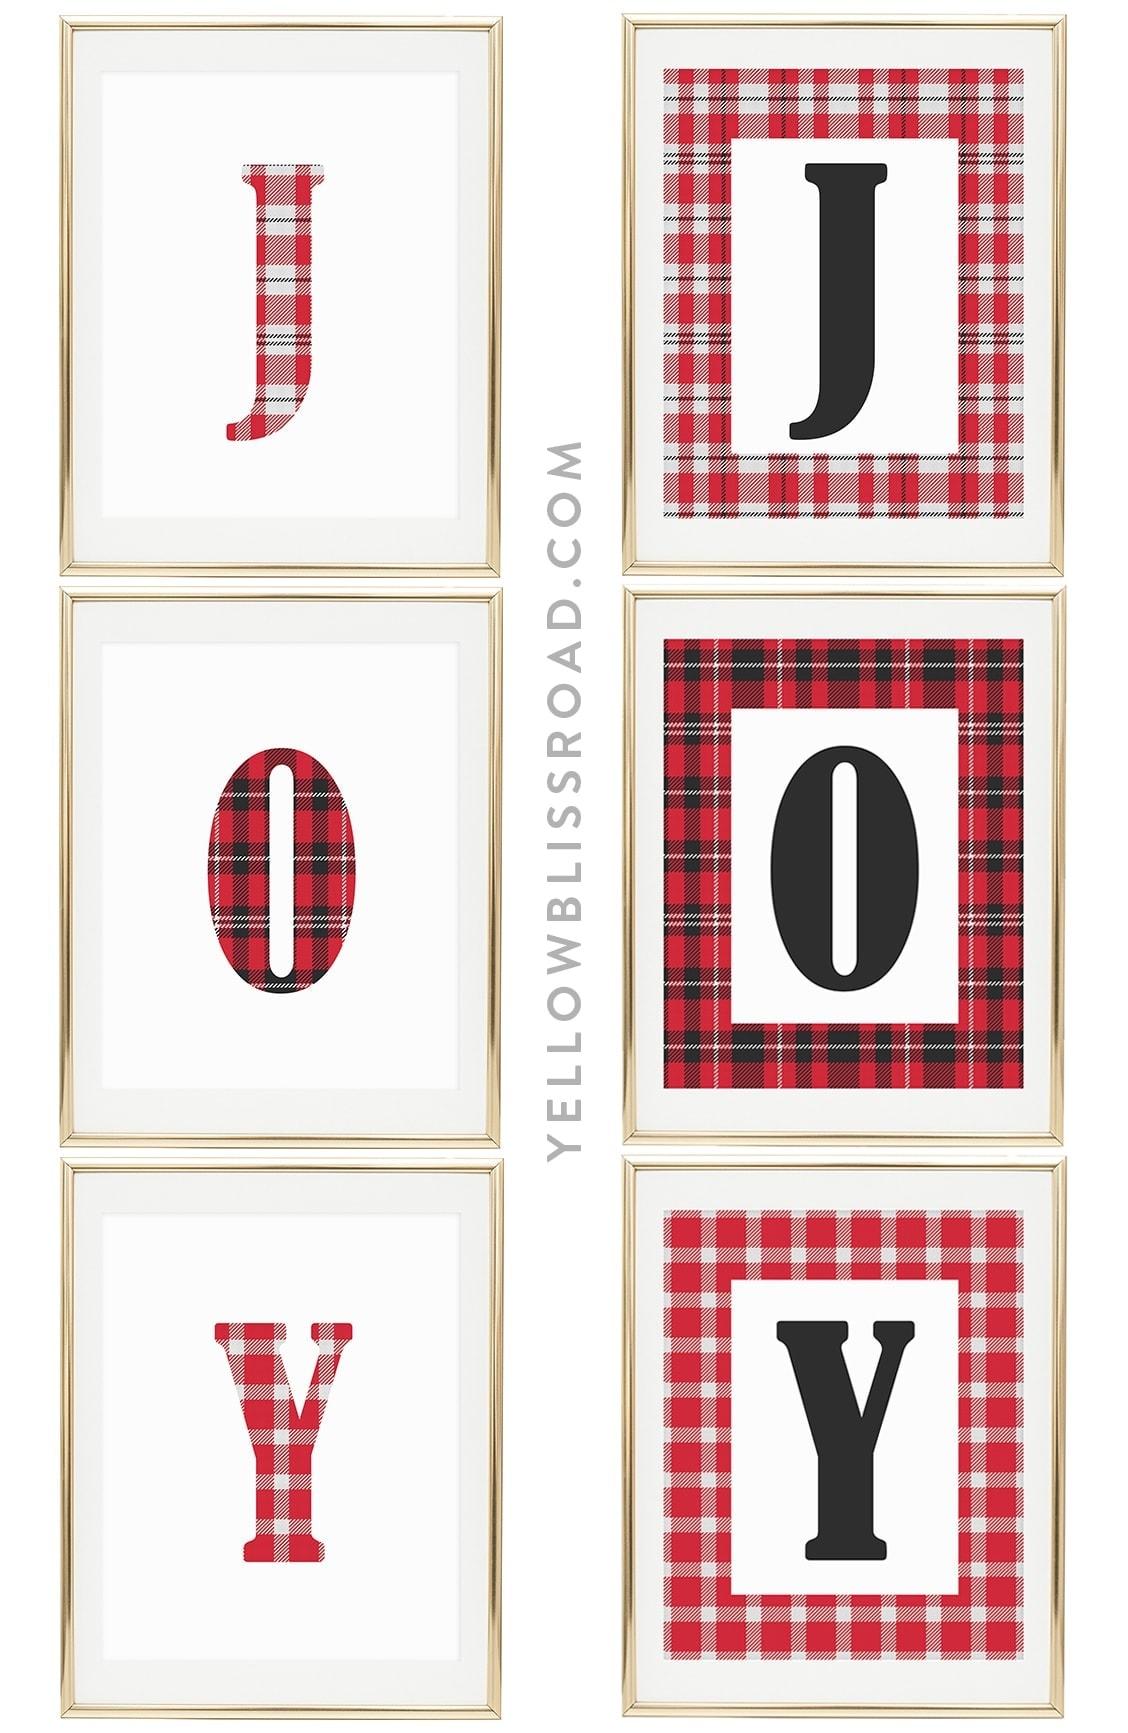 Joy Free Printables For Christmas